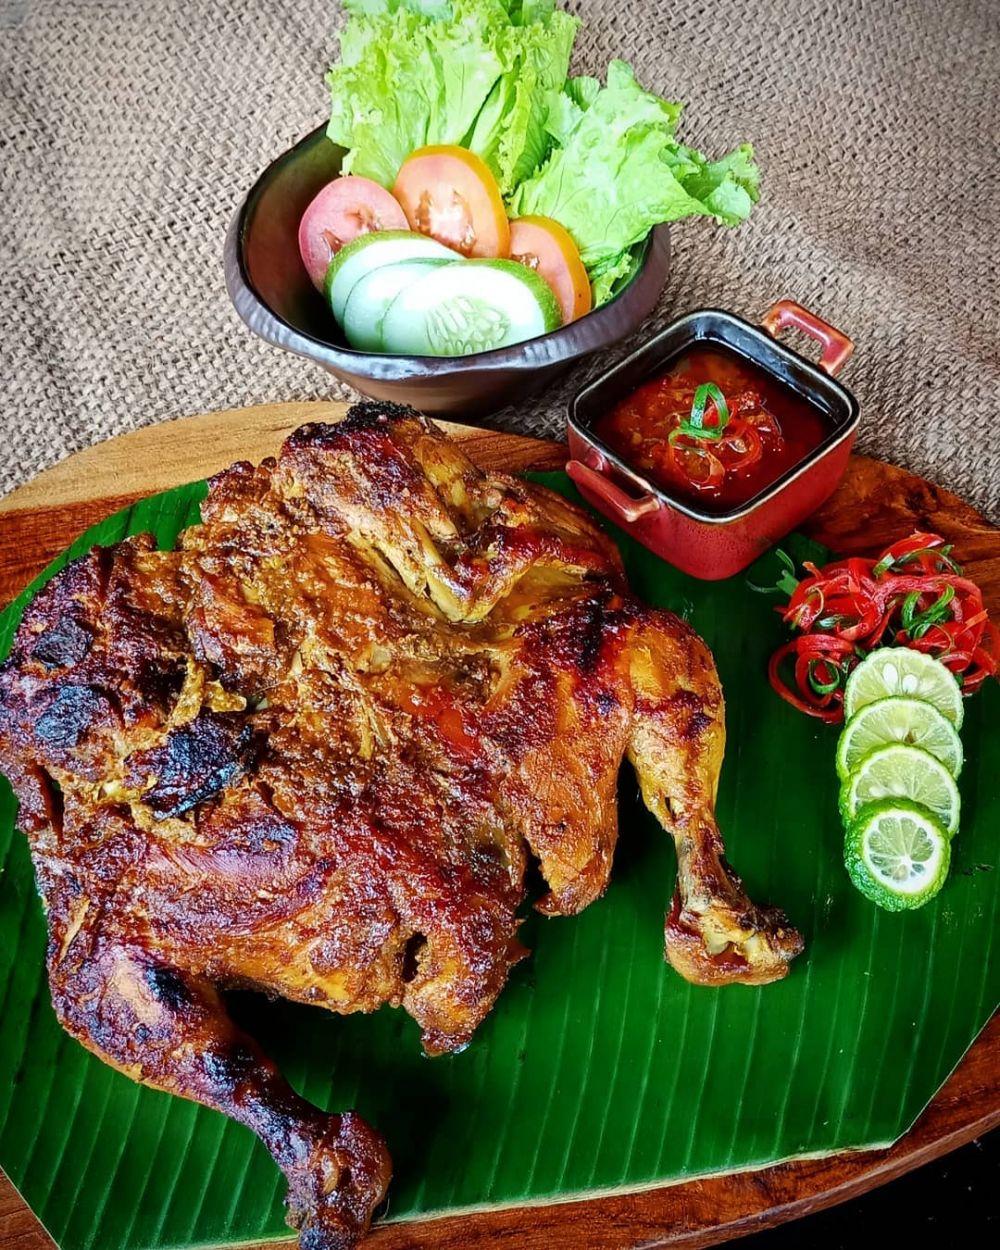 Olahan ayam khas daerah © 2020 brilio.net